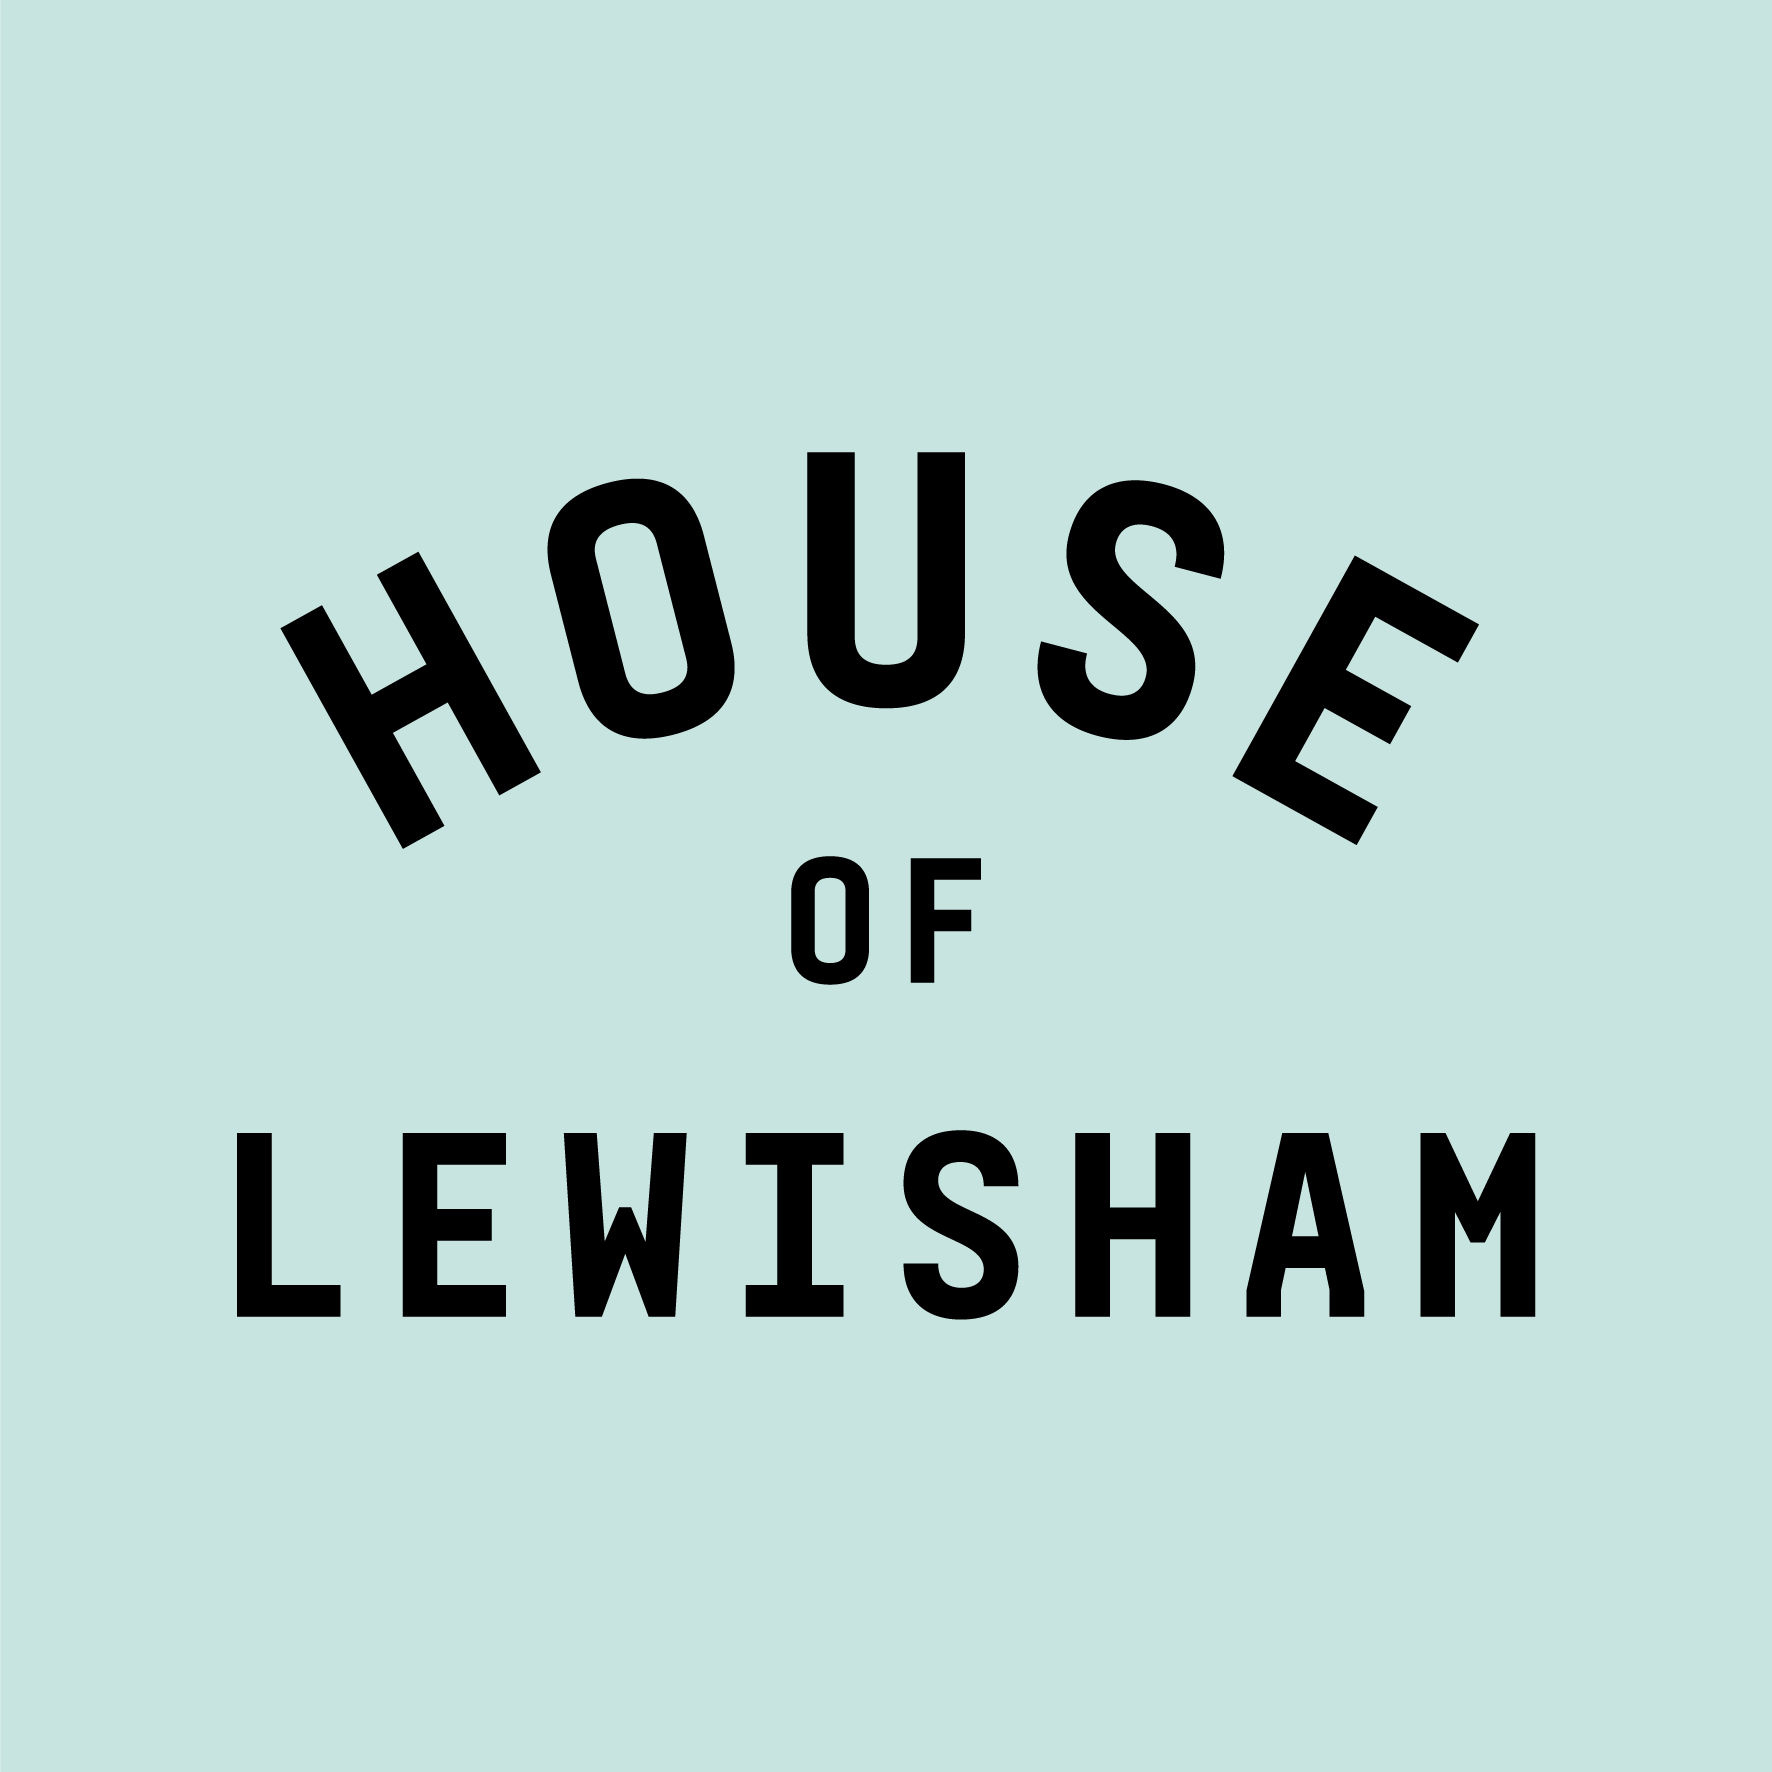 House of Lewisham